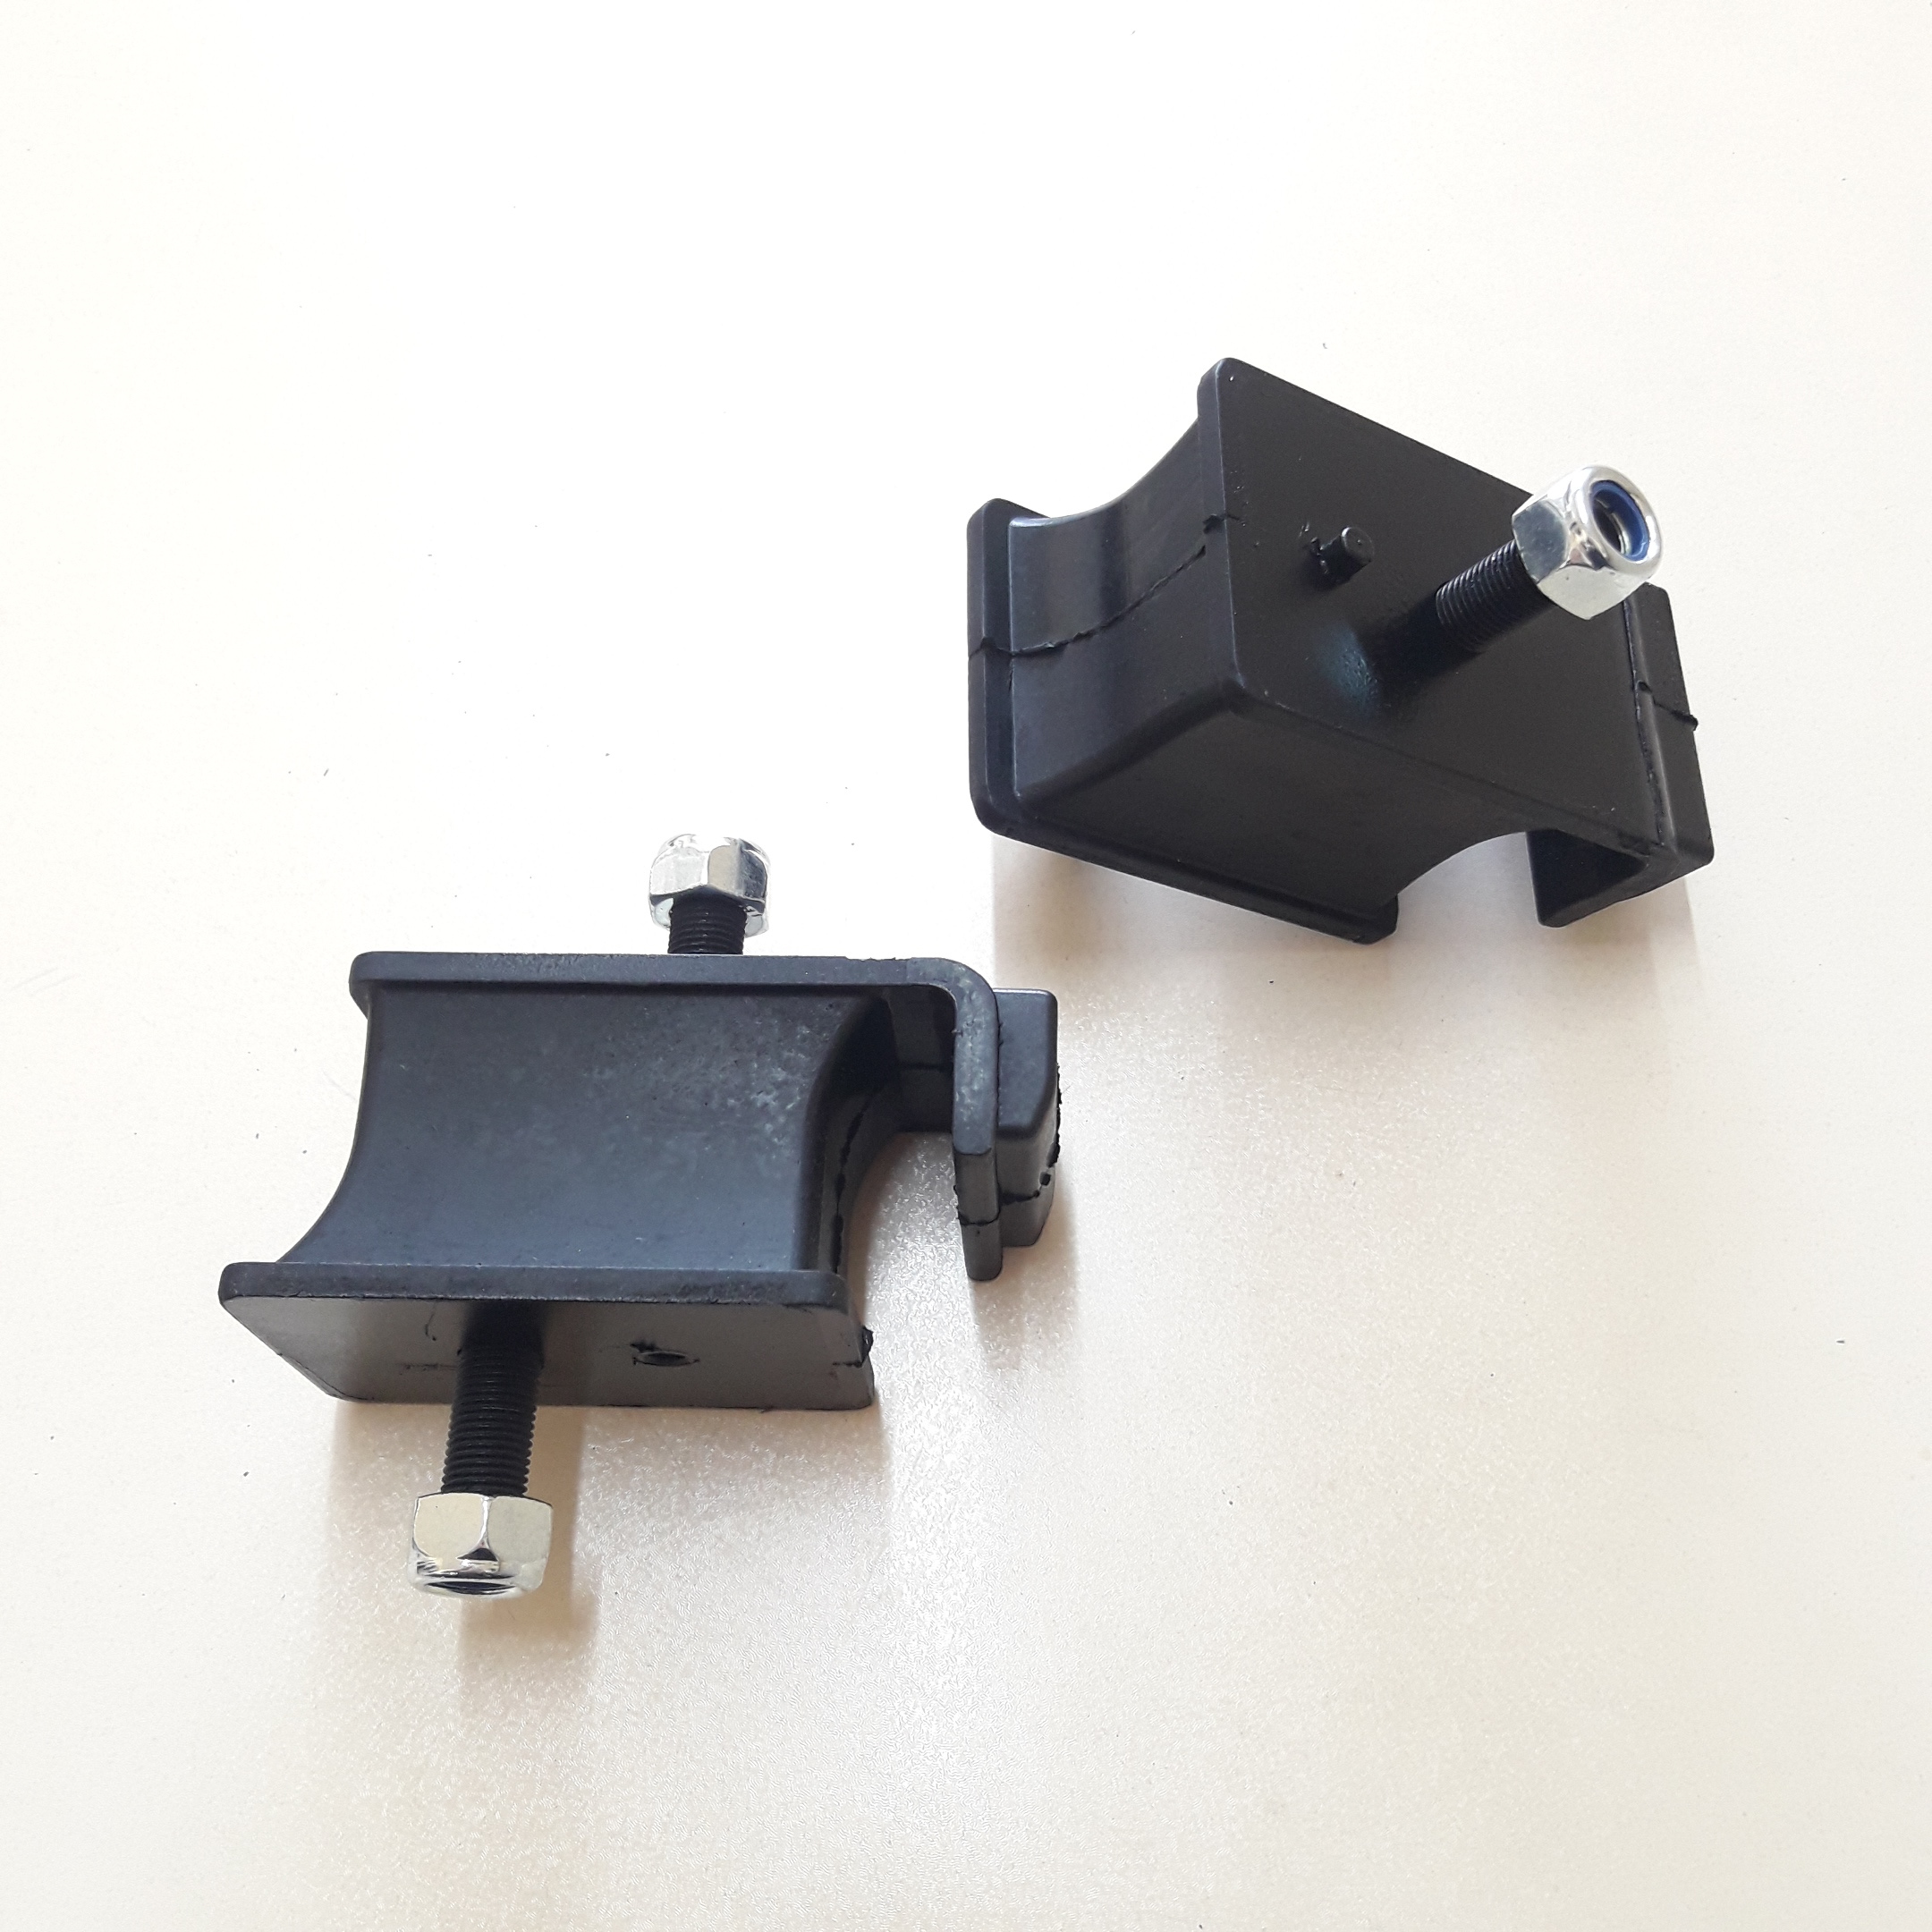 2 Pcs Motor Montage für Mitsubishi Canter MK332290 Beste Qualität/Freies TNT Express Versand